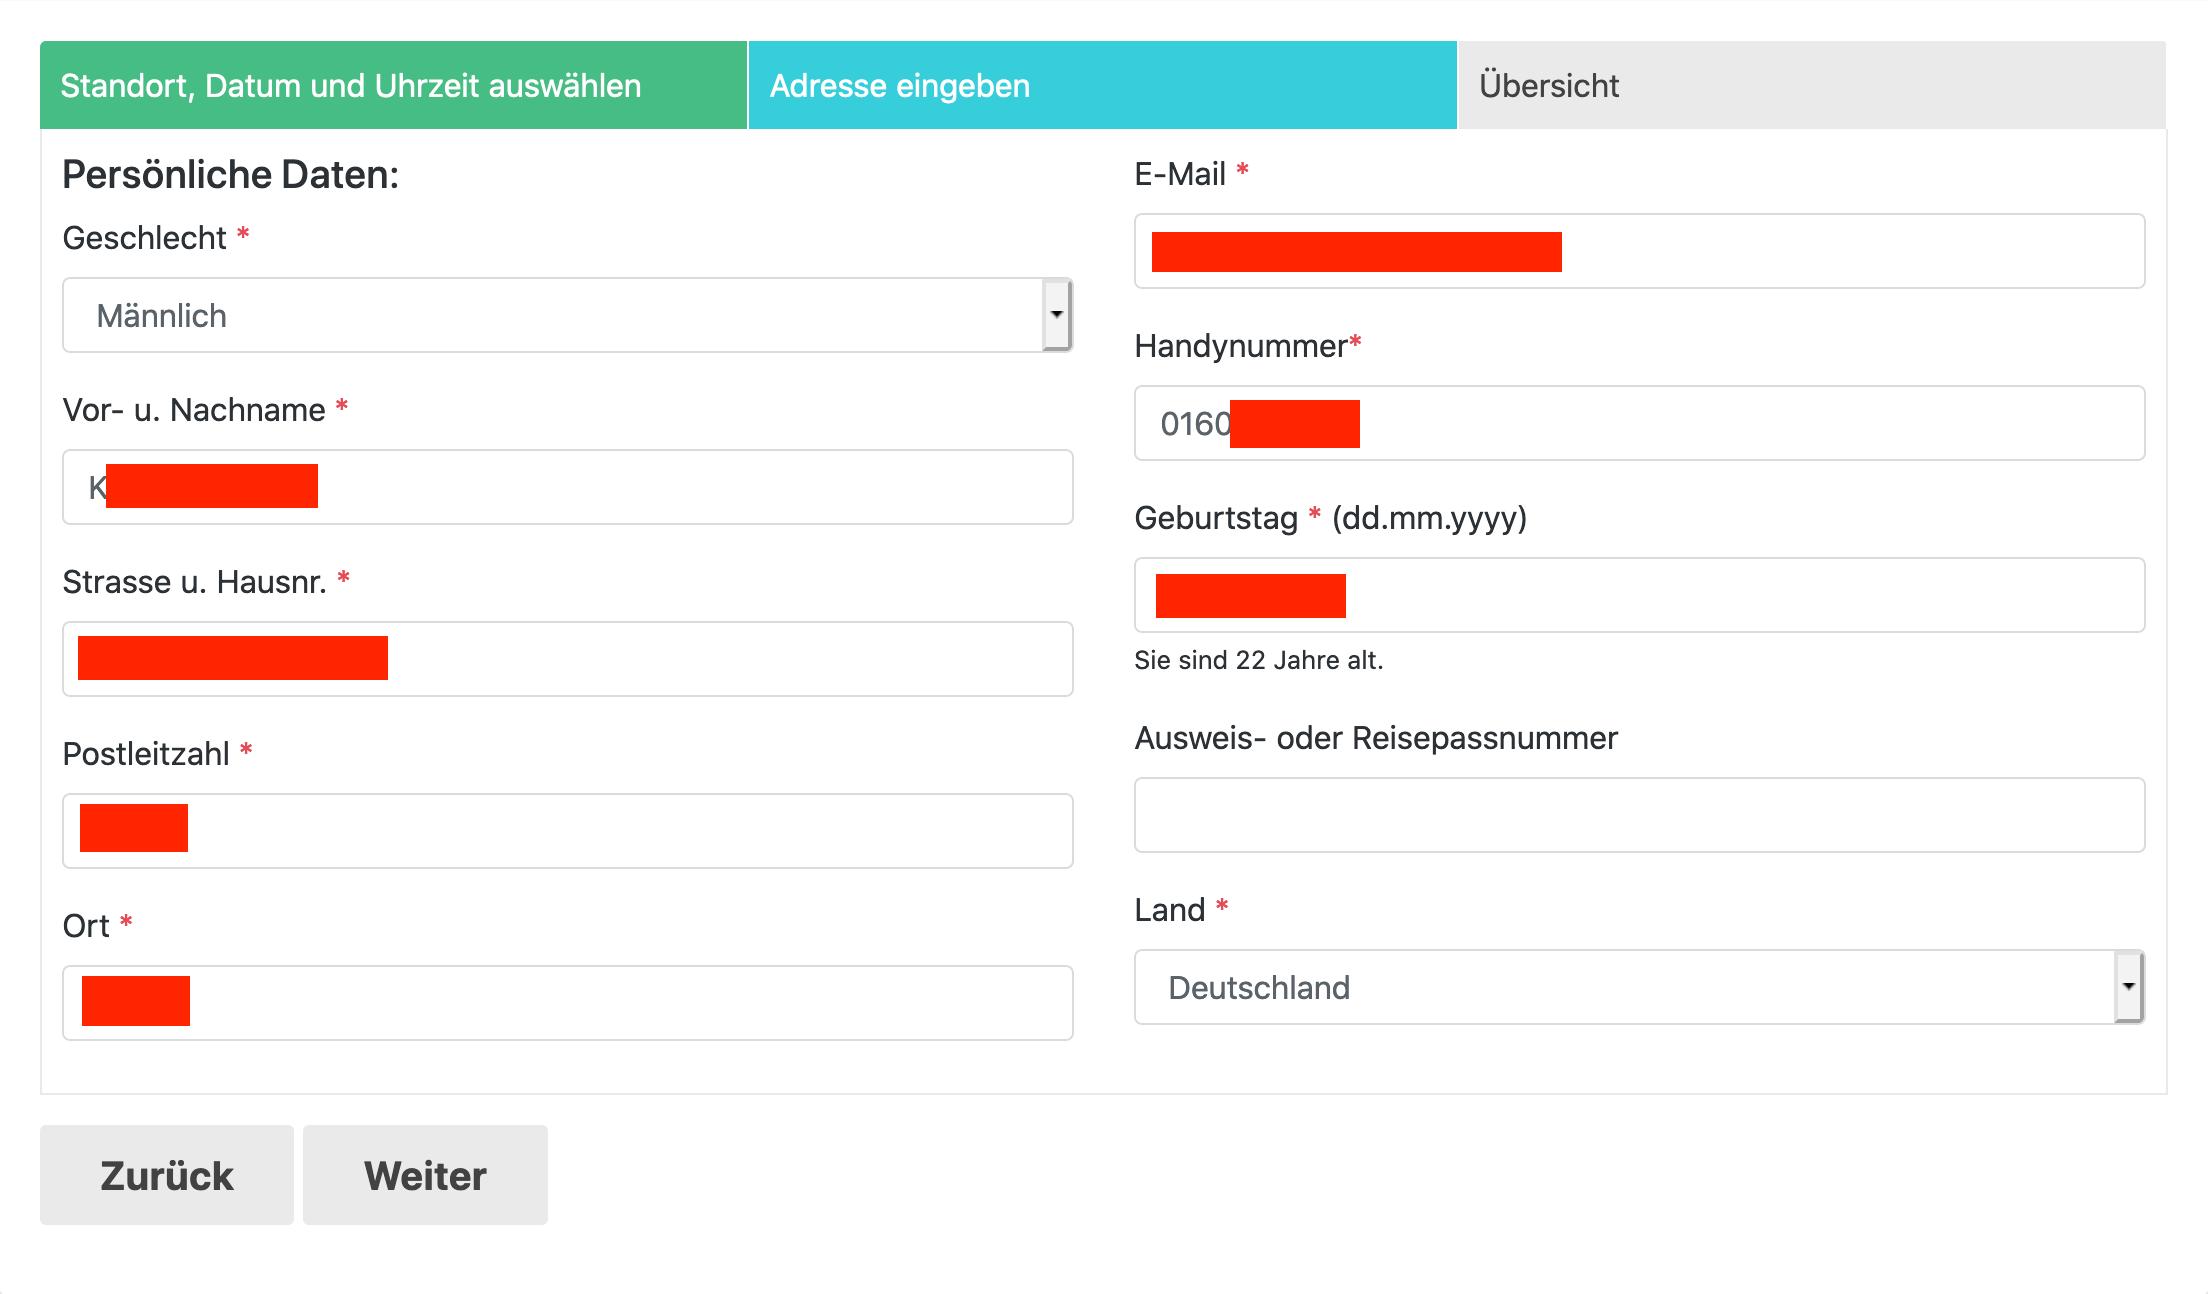 Buchungsseite mit vorausgefülltem Formular voller persönlicher Daten